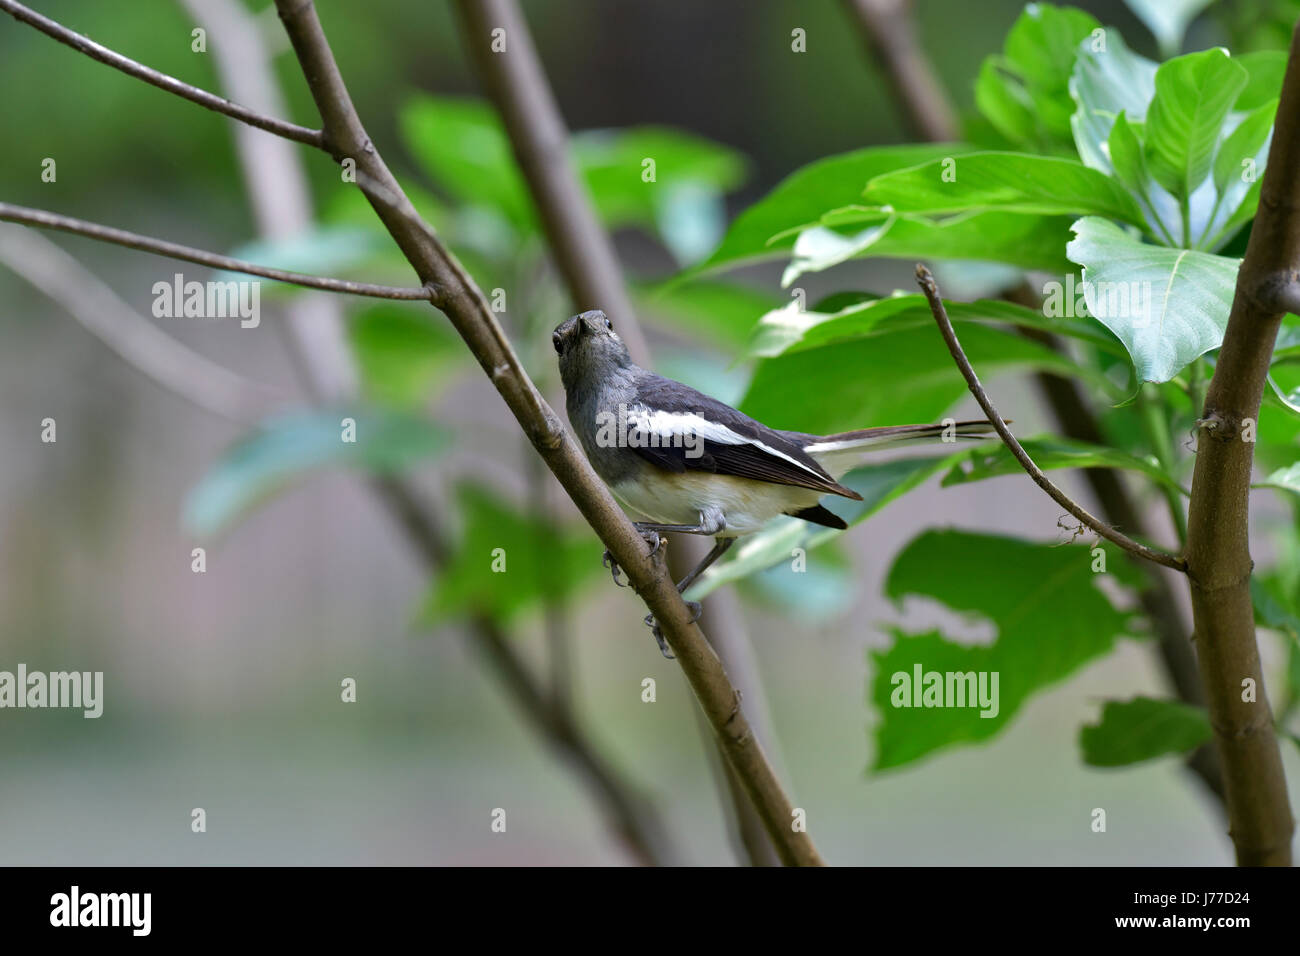 Dhaka, Bangladesh. 23 Mayo, 2017. El oriental Magpie-robin (Copsychus saularis) descansa sobre un árbol en un parque en Dhaka, Bangladesh, 23 de mayo de 2017. El oriental Magpie-robin es ave nacional de Bangladesh y es comúnmente conocido como Doel. El oriental Magpie-robin es una pequeña aves paseriformes que anteriormente fue clasificado como un miembro de la familia Turdidae zorzal, pero ahora se considera un mundo viejo flycatcher. Son característicos los pájaros en blanco y negro con una larga cola que se mantiene recta como forrajea en el suelo o la perca llamativamente. Crédito: SK Hasan Ali/Alamy Live News Foto de stock